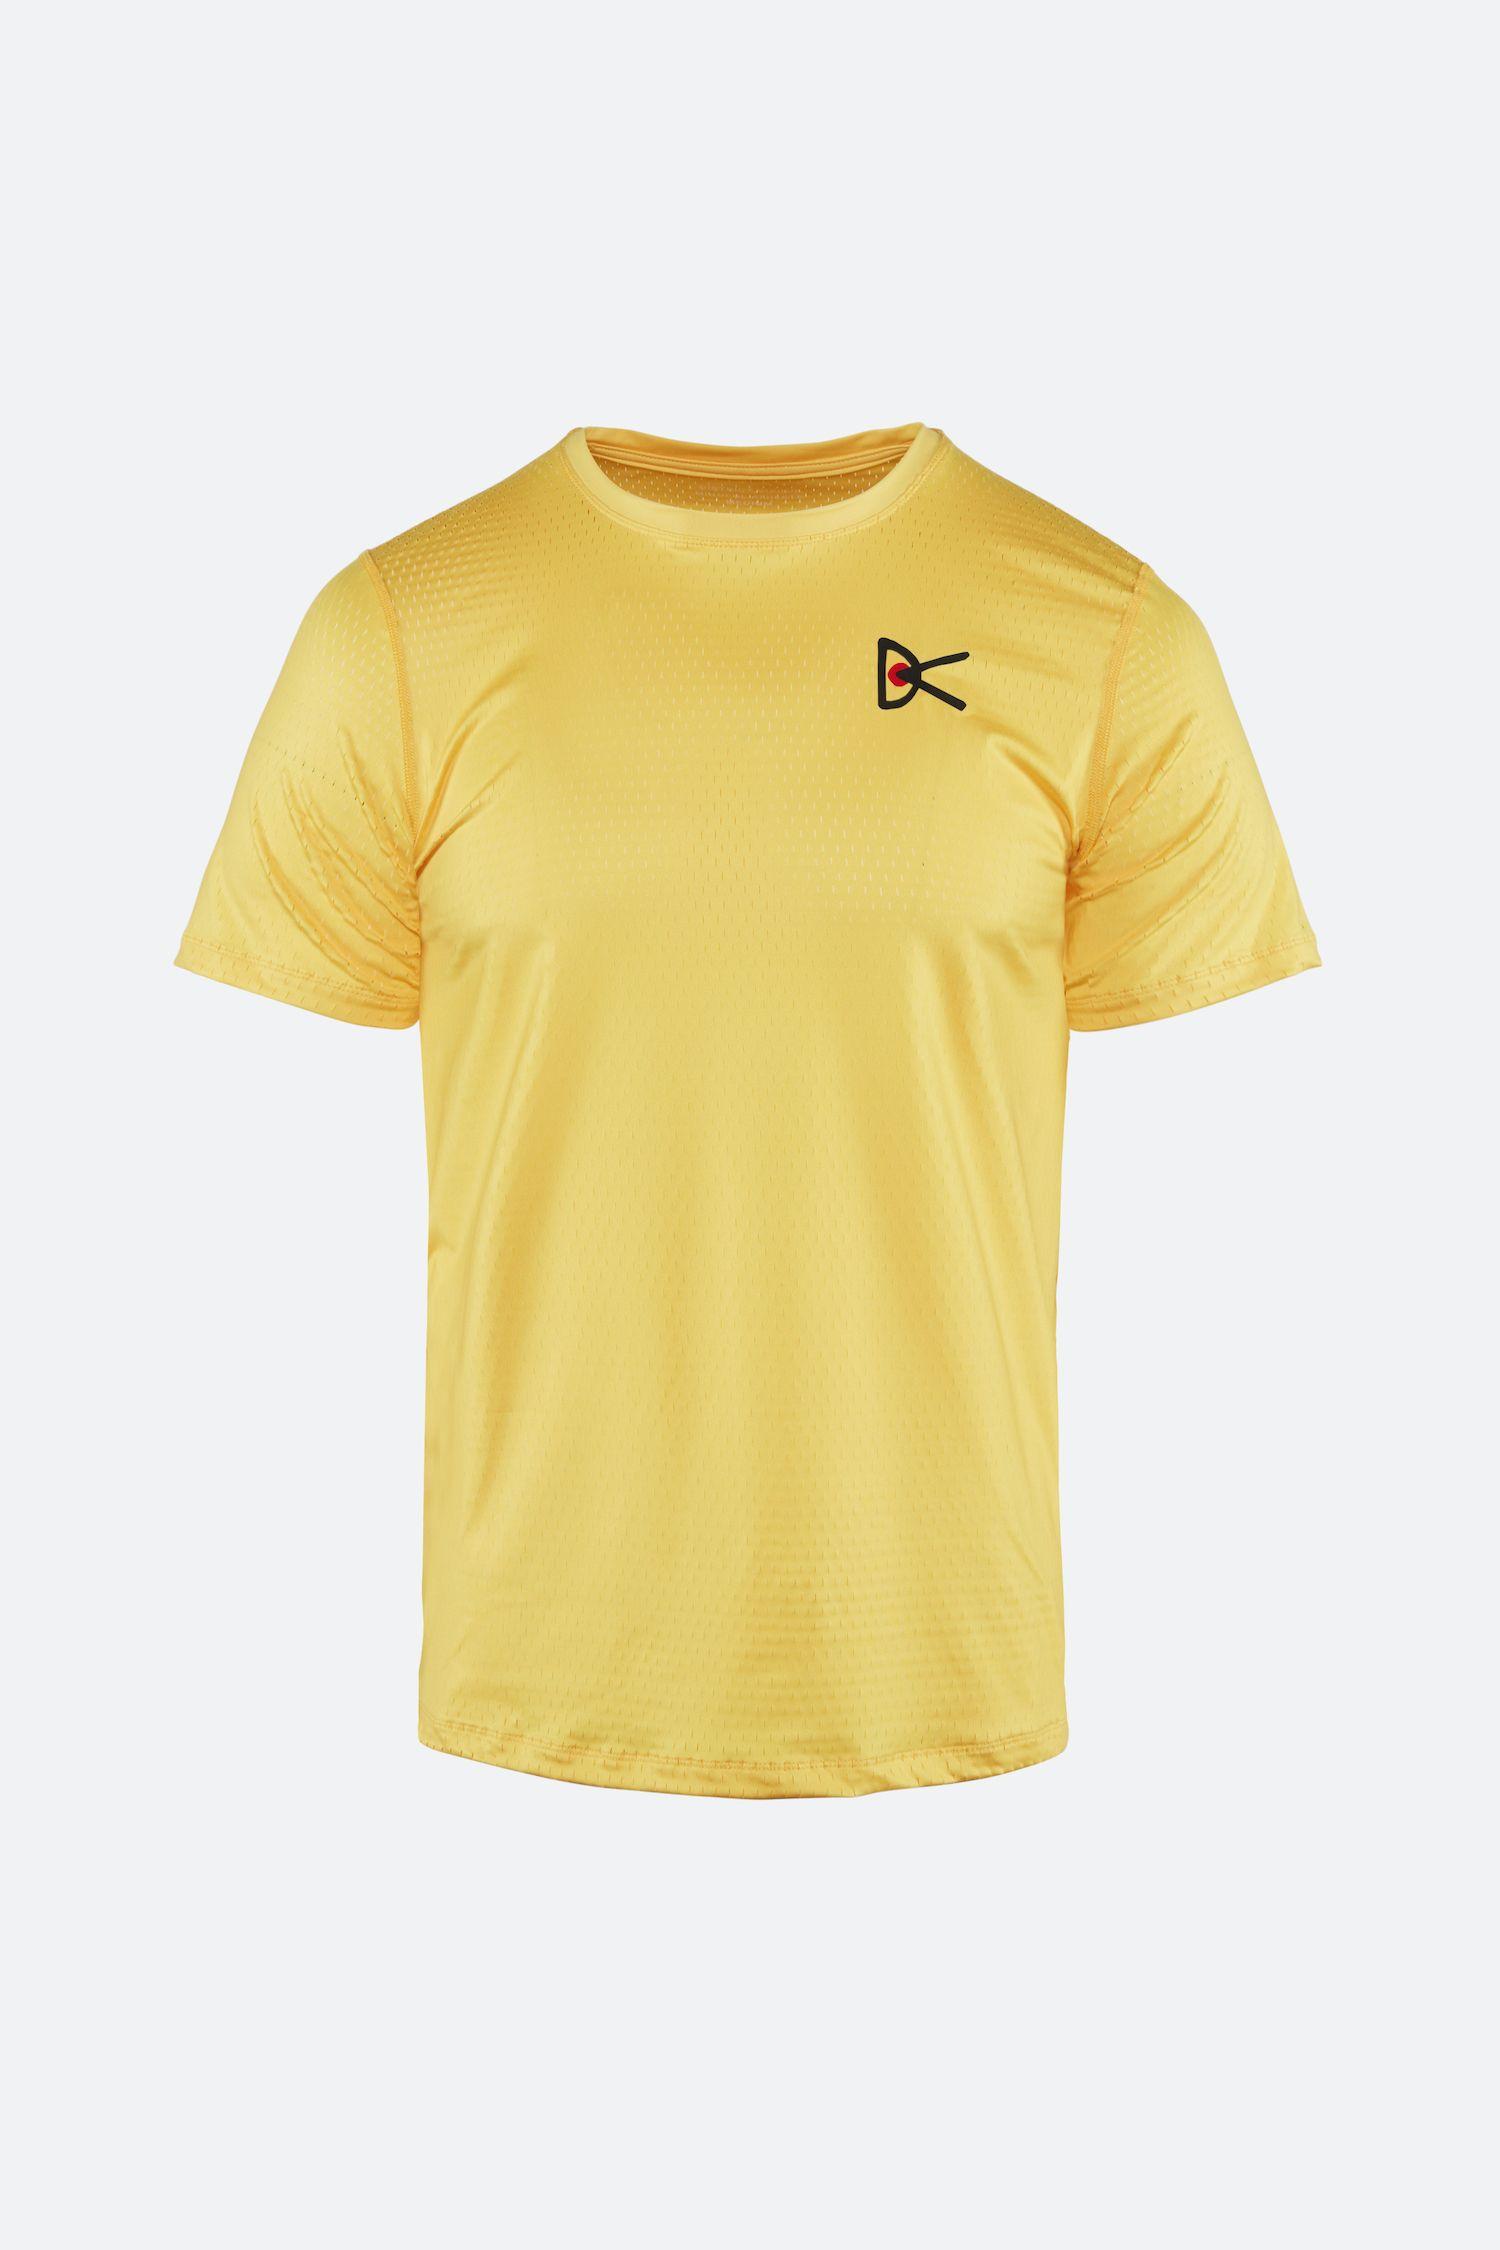 Air–Wear Short Sleeve T-Shirt, Yellow